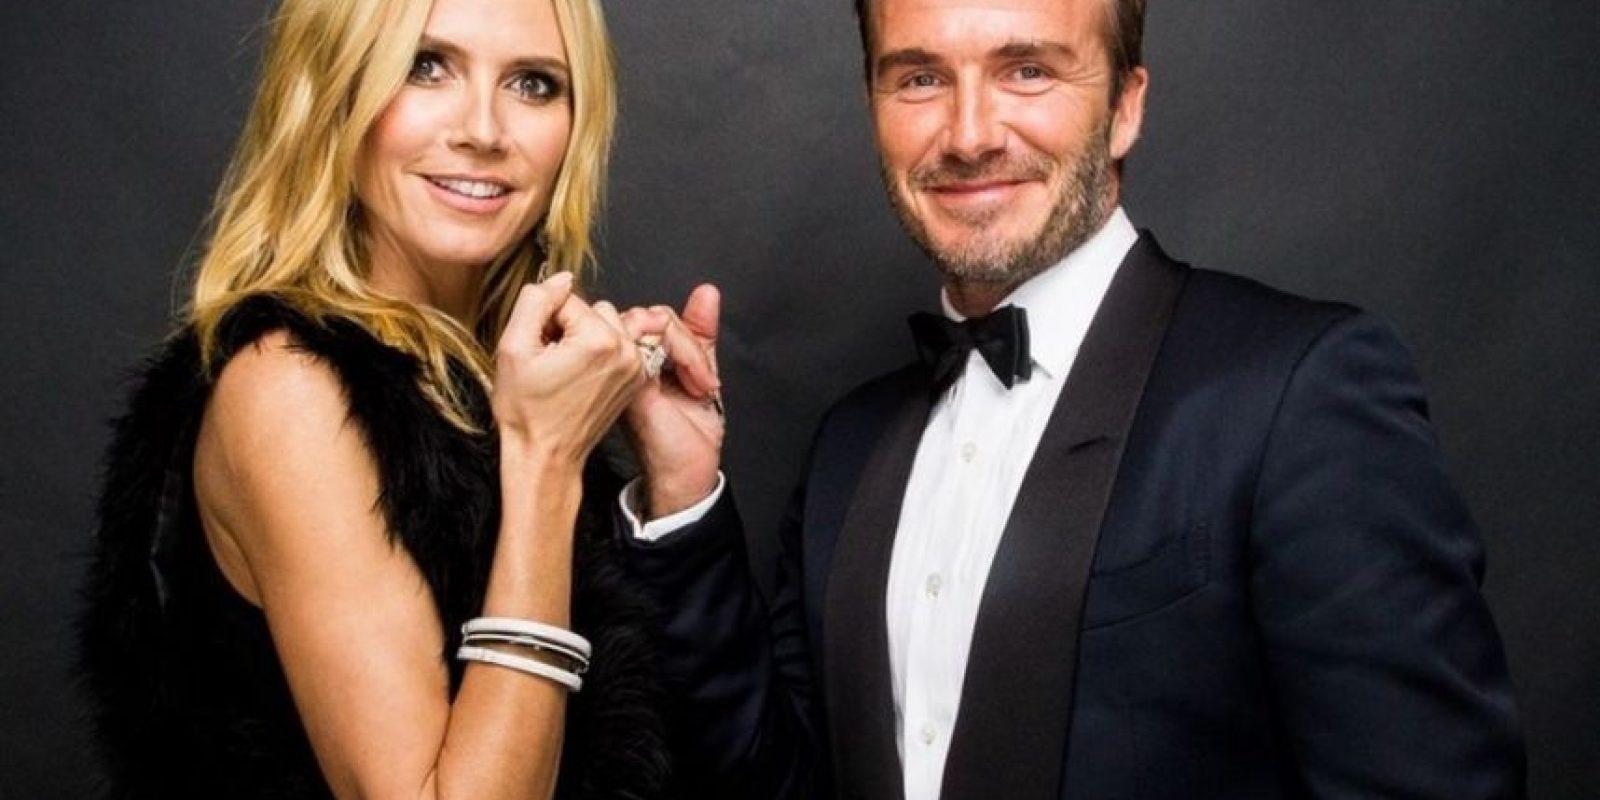 Heidi Klum y David Beckham también se unieron Foto:Fuente Externa